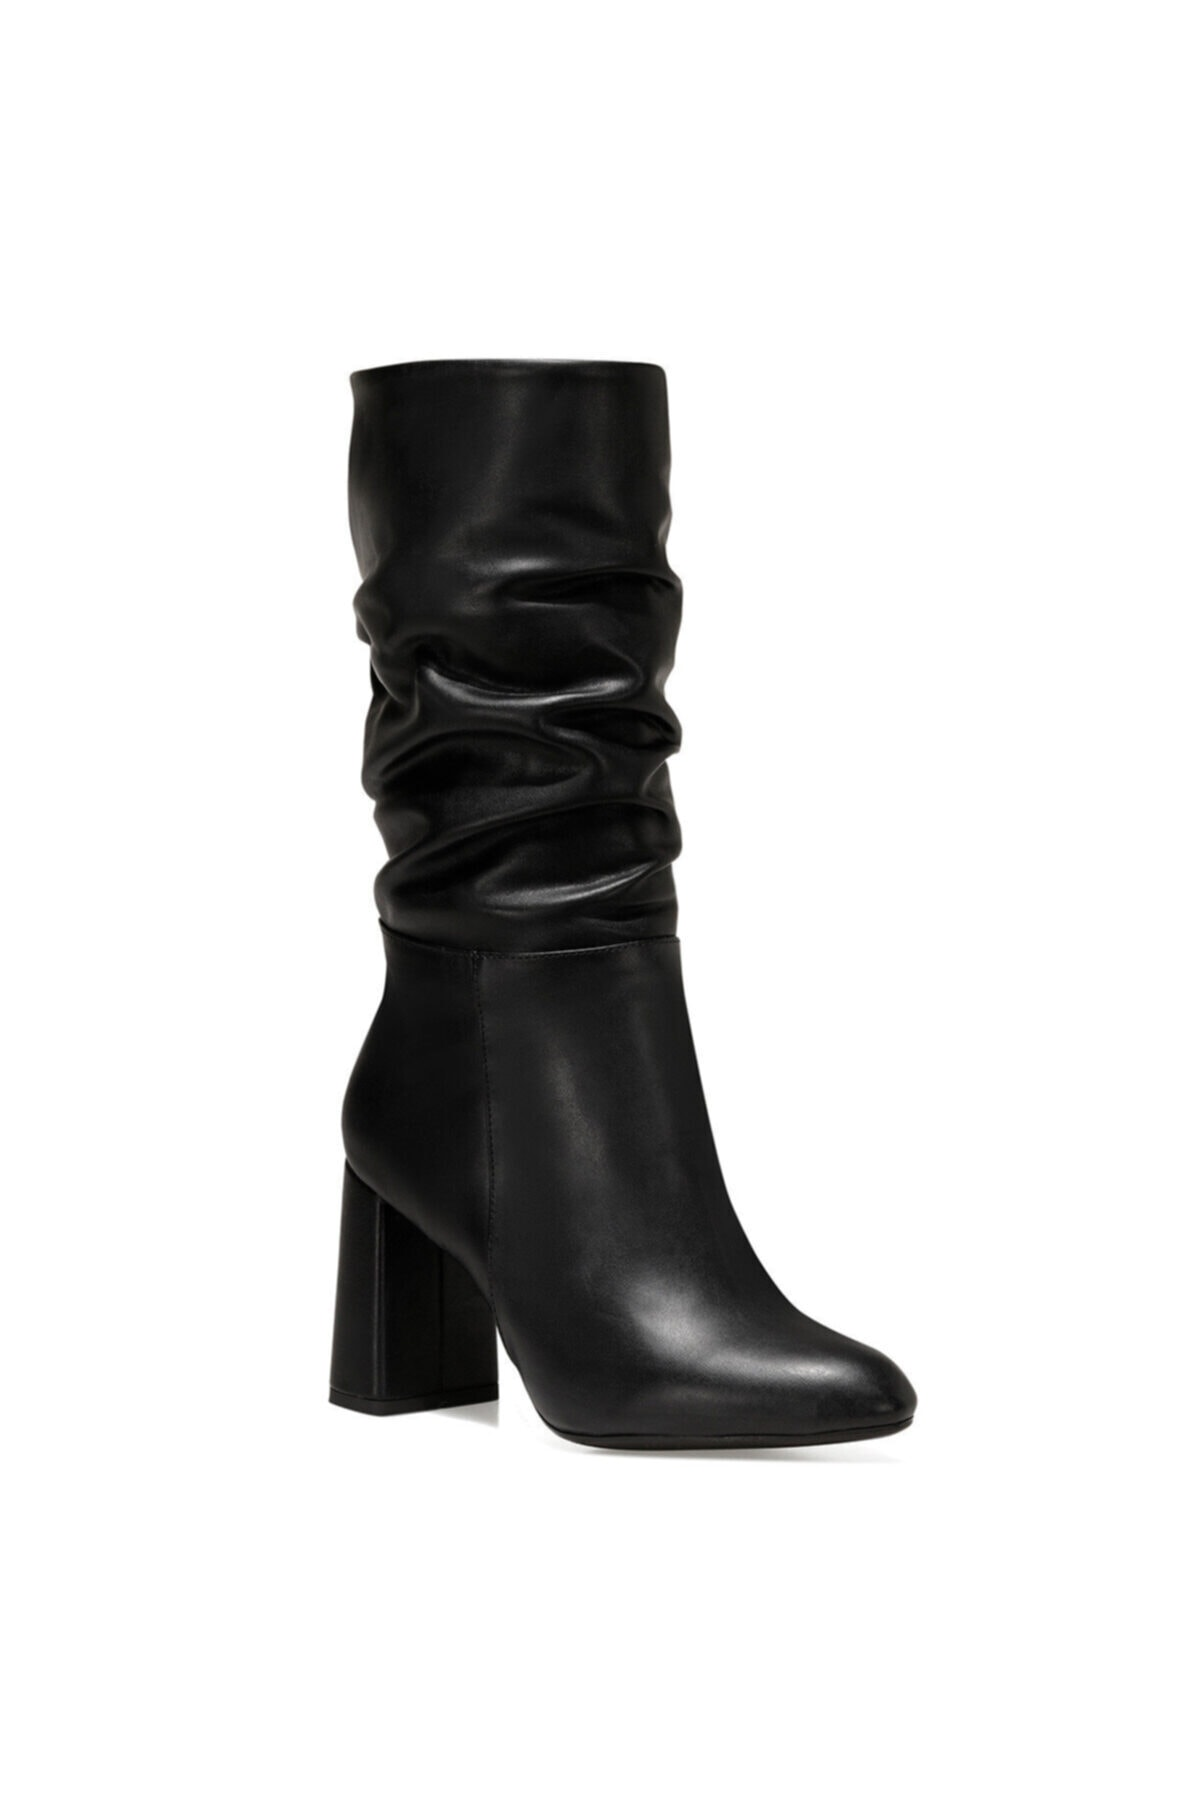 Nine West UMBRIA Siyah Kadın Ökçeli Çizme 100582154 2